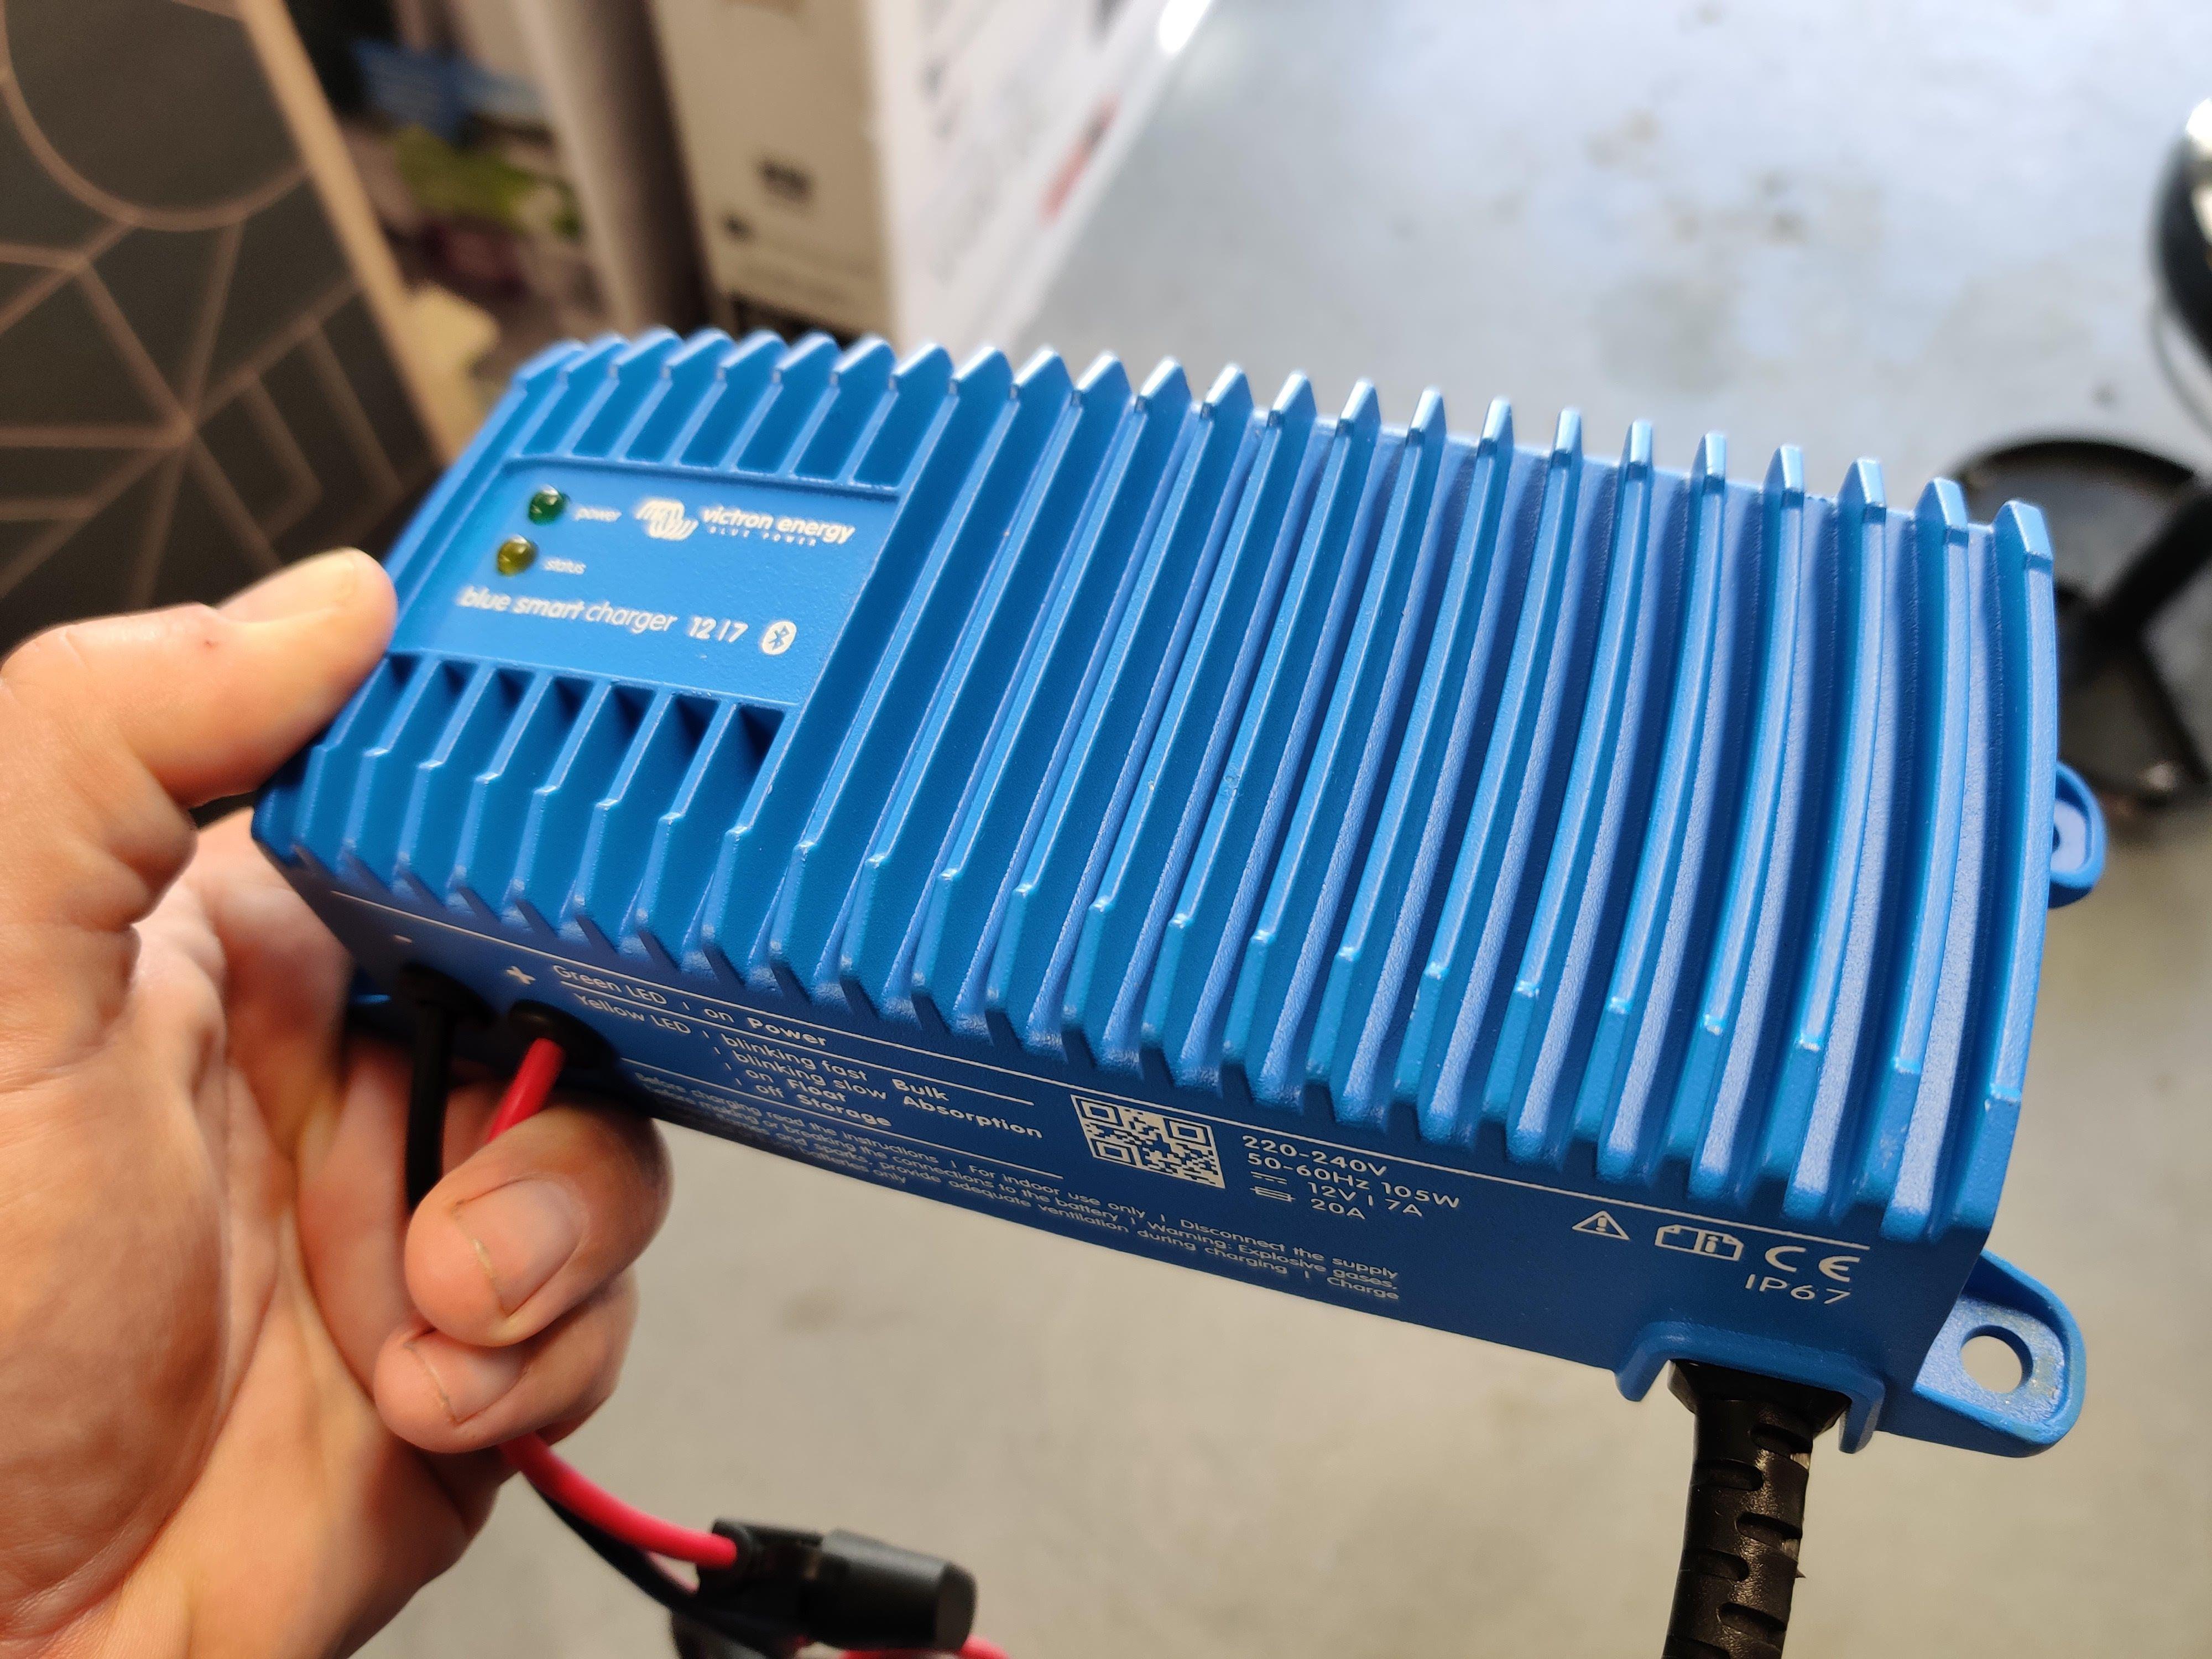 Laderen kan kommunisere via bluetooth for å gi deg en oppdatering på hvordan det går med oppladingen.